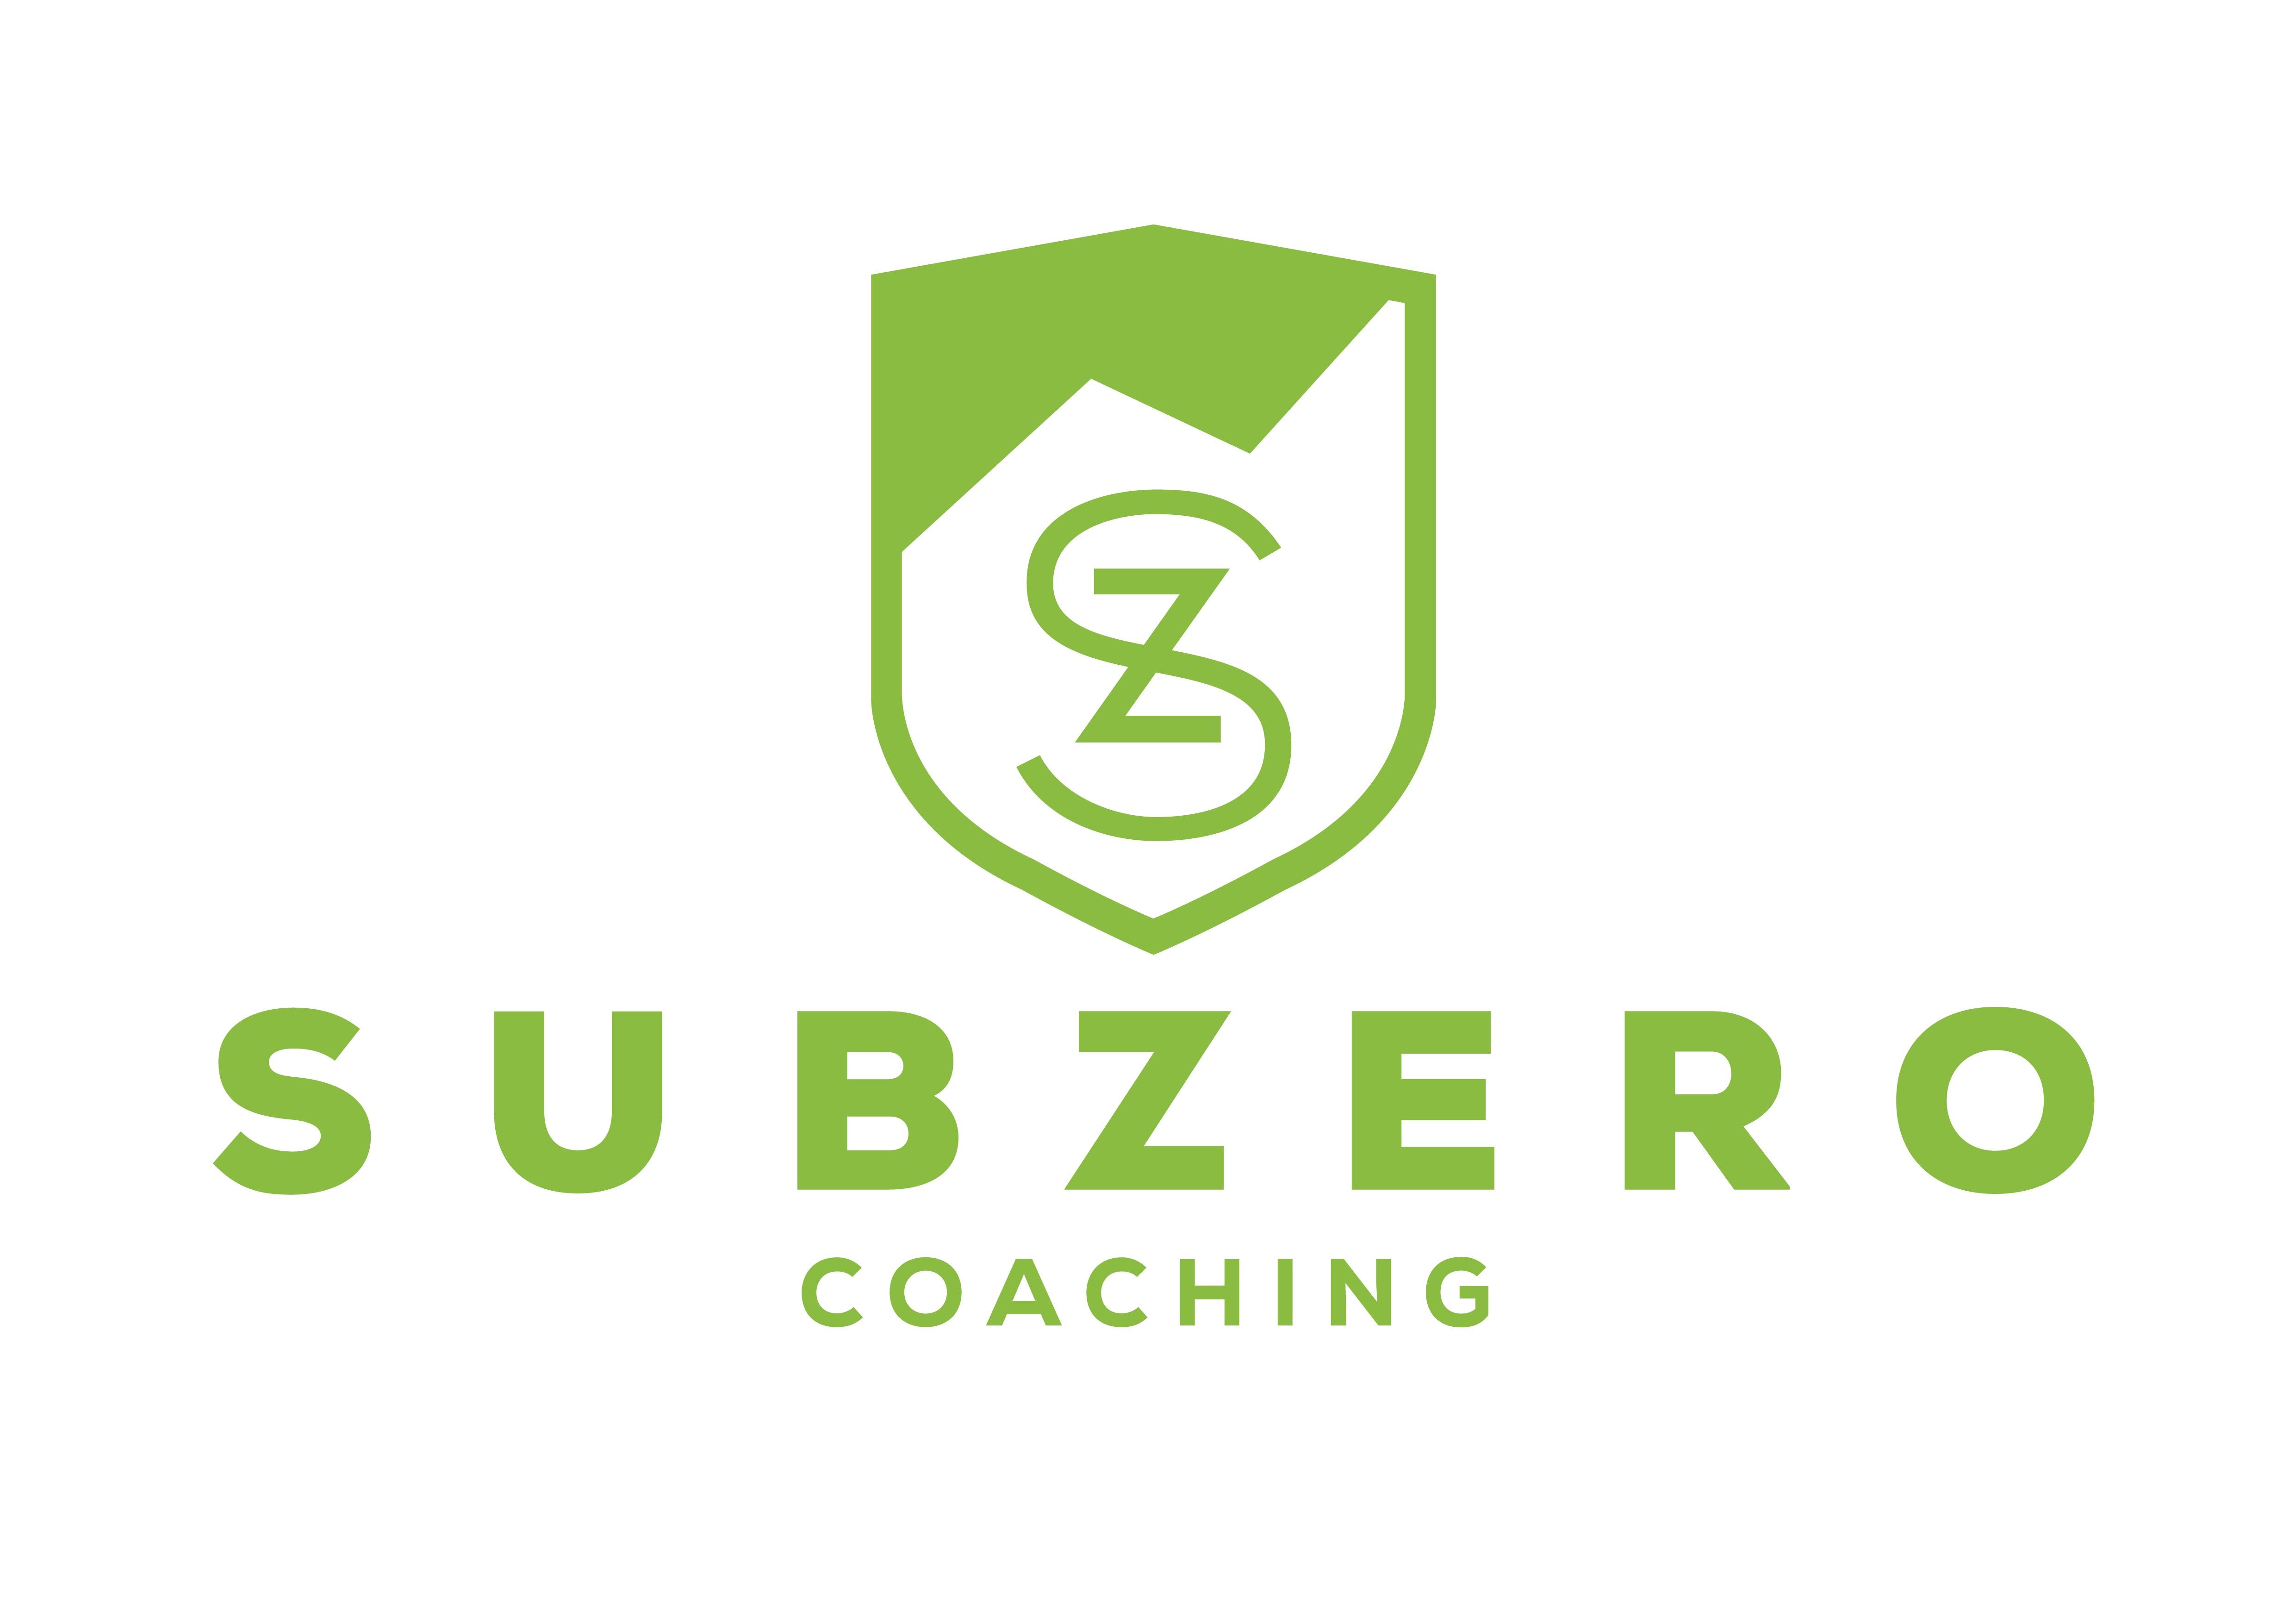 Subzero Coaching